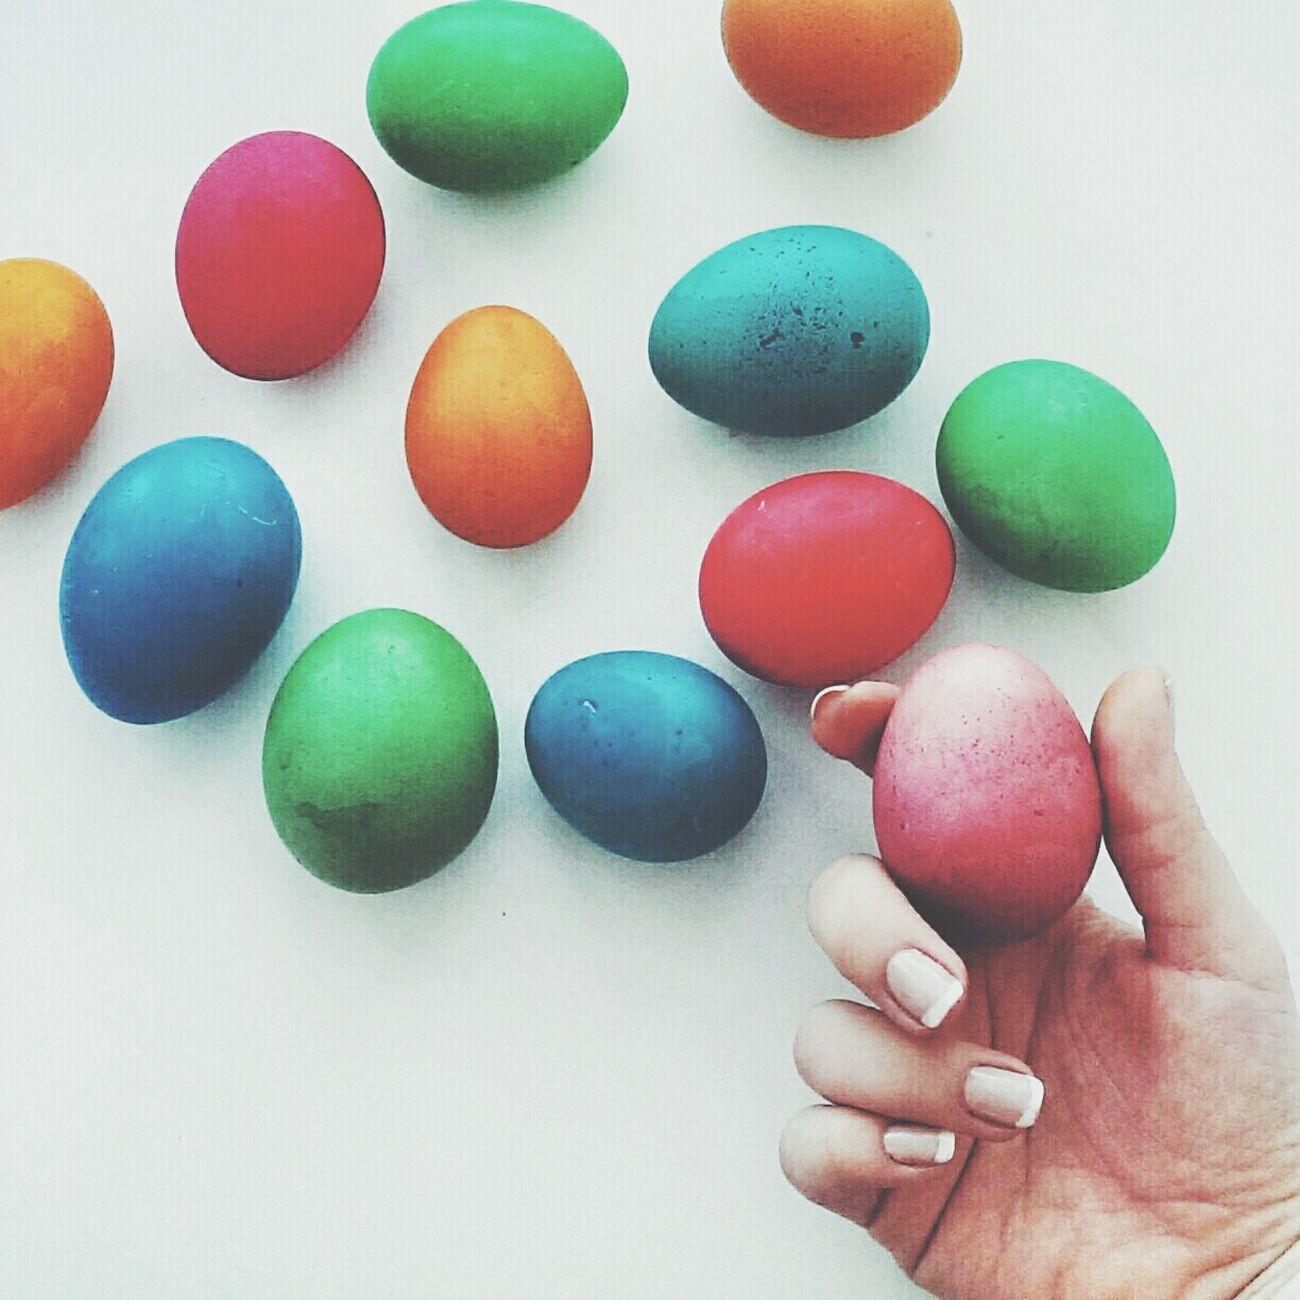 пасха пасхальные_яйца яйца